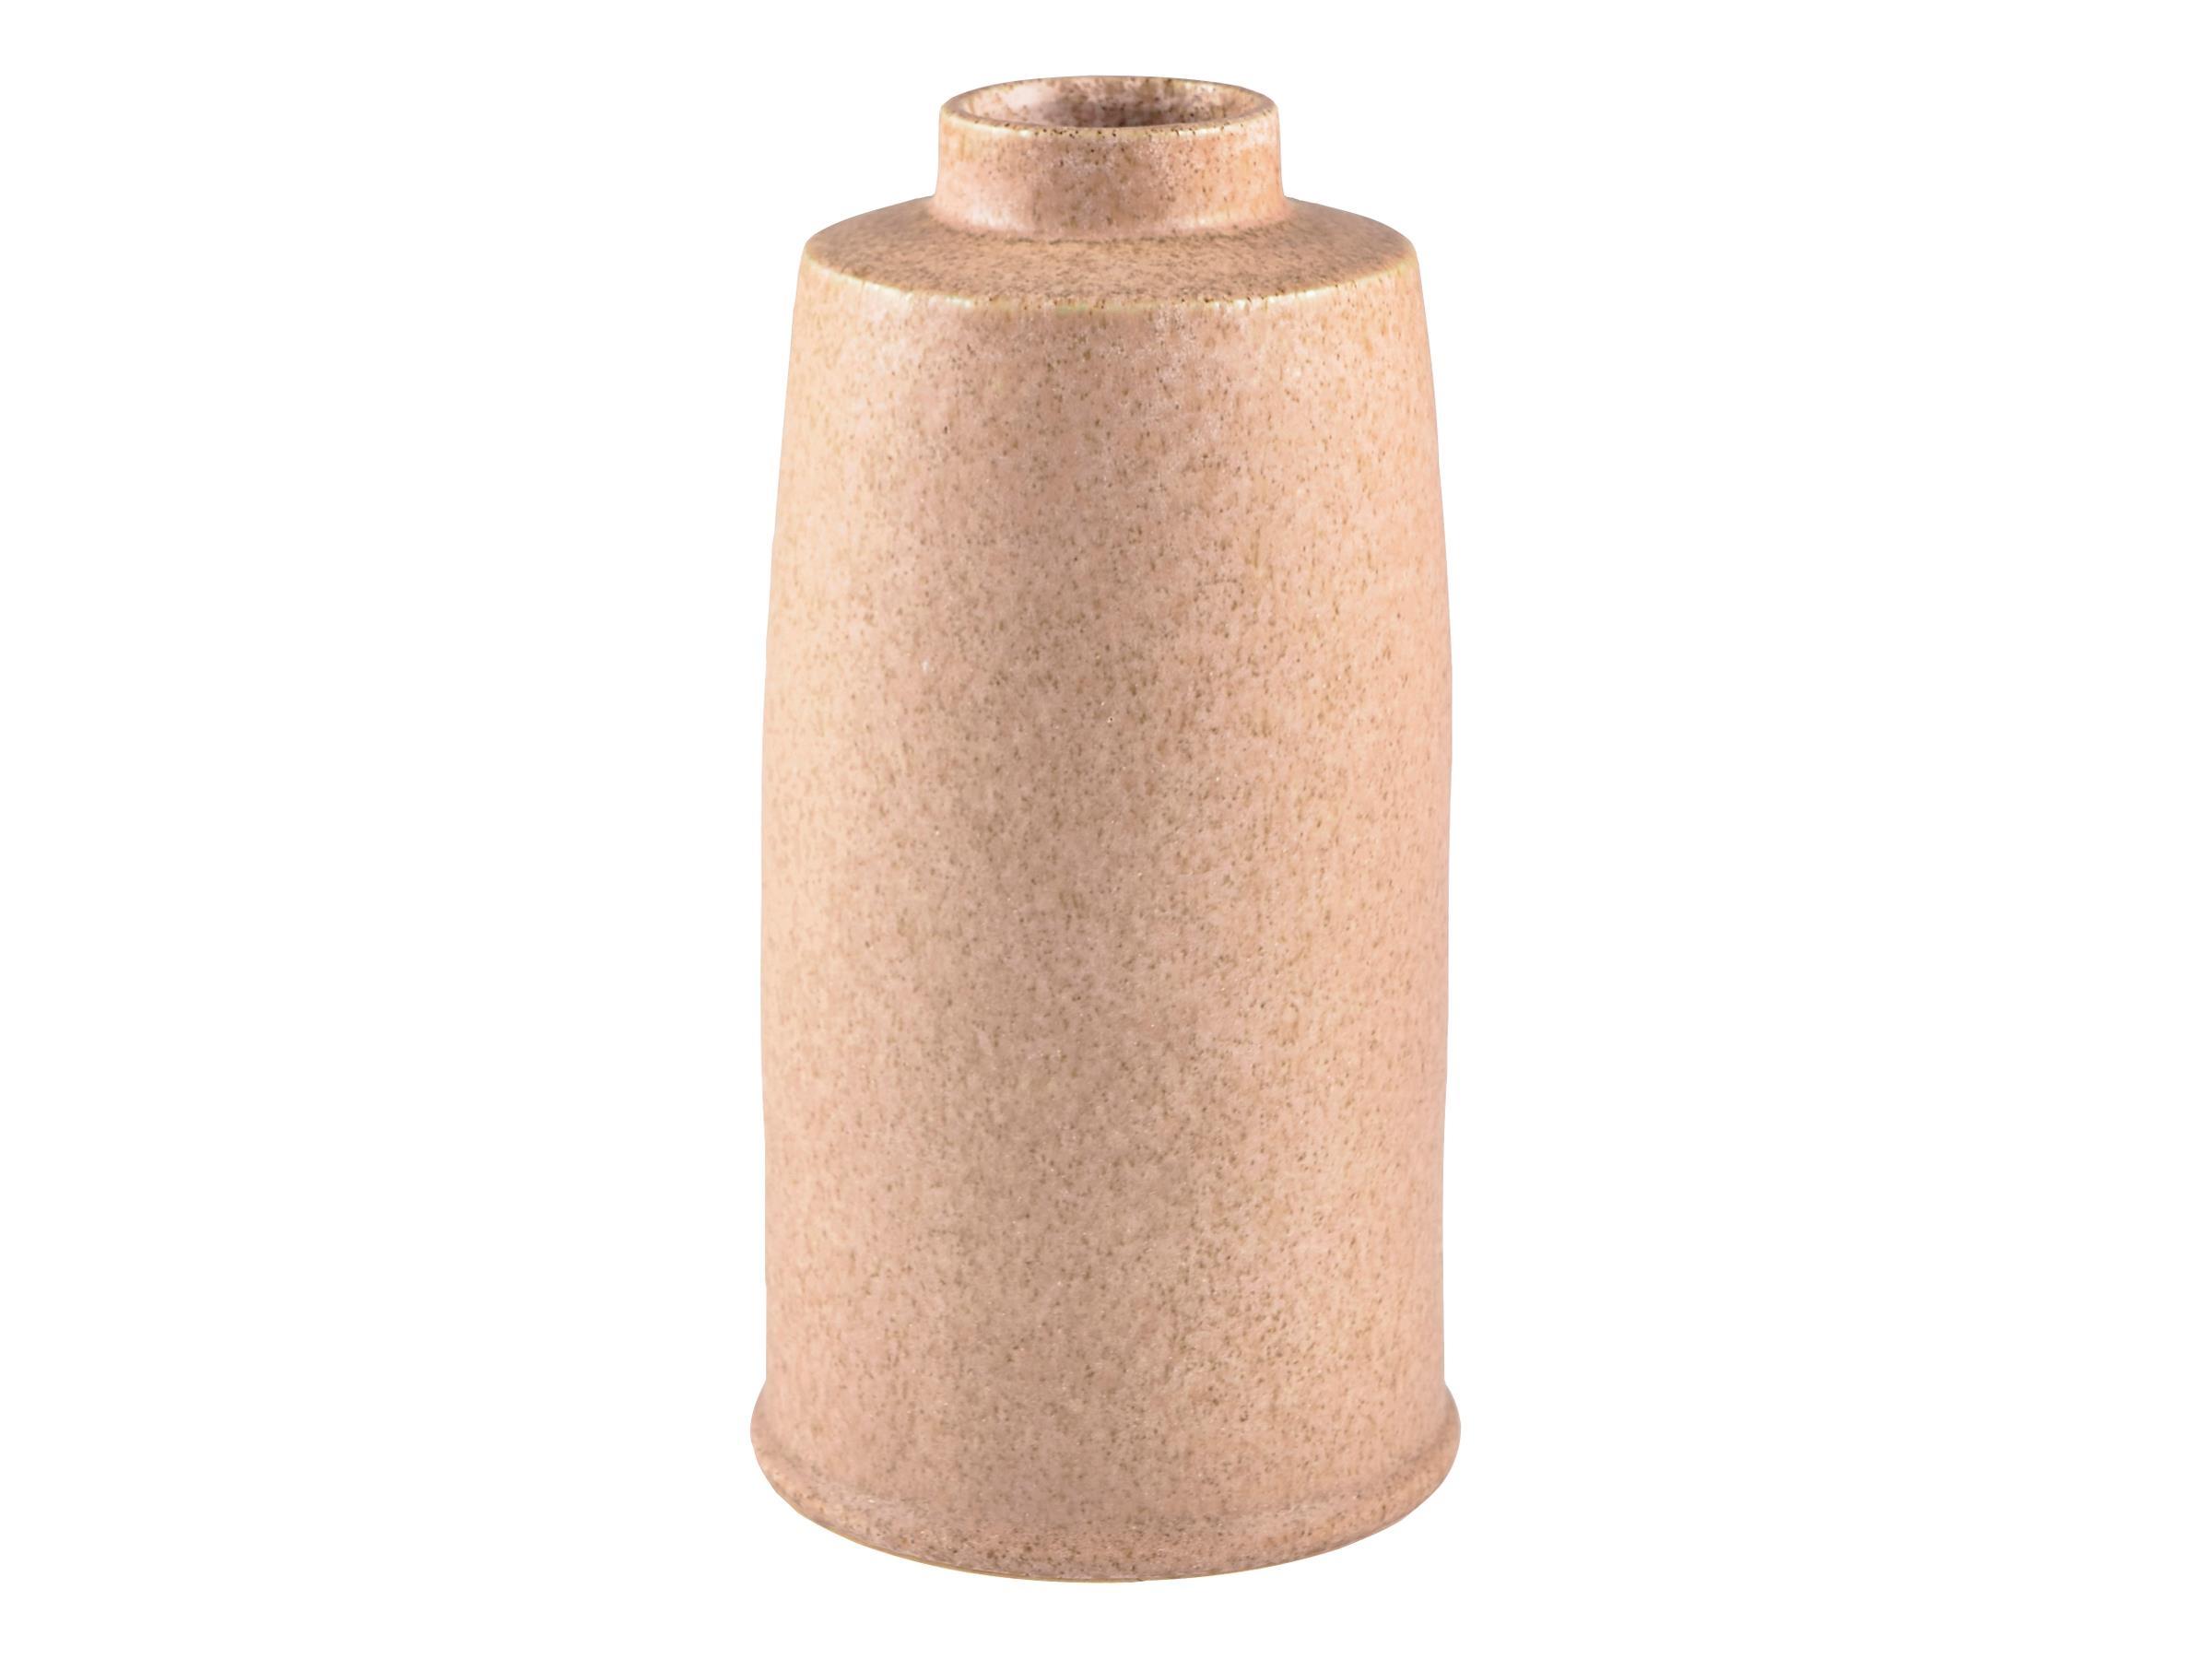 Vaza decorativa din ceramica Stone Round Large 12433 Natural, Ø12,5xH24,5 cm, Villa Collection poza